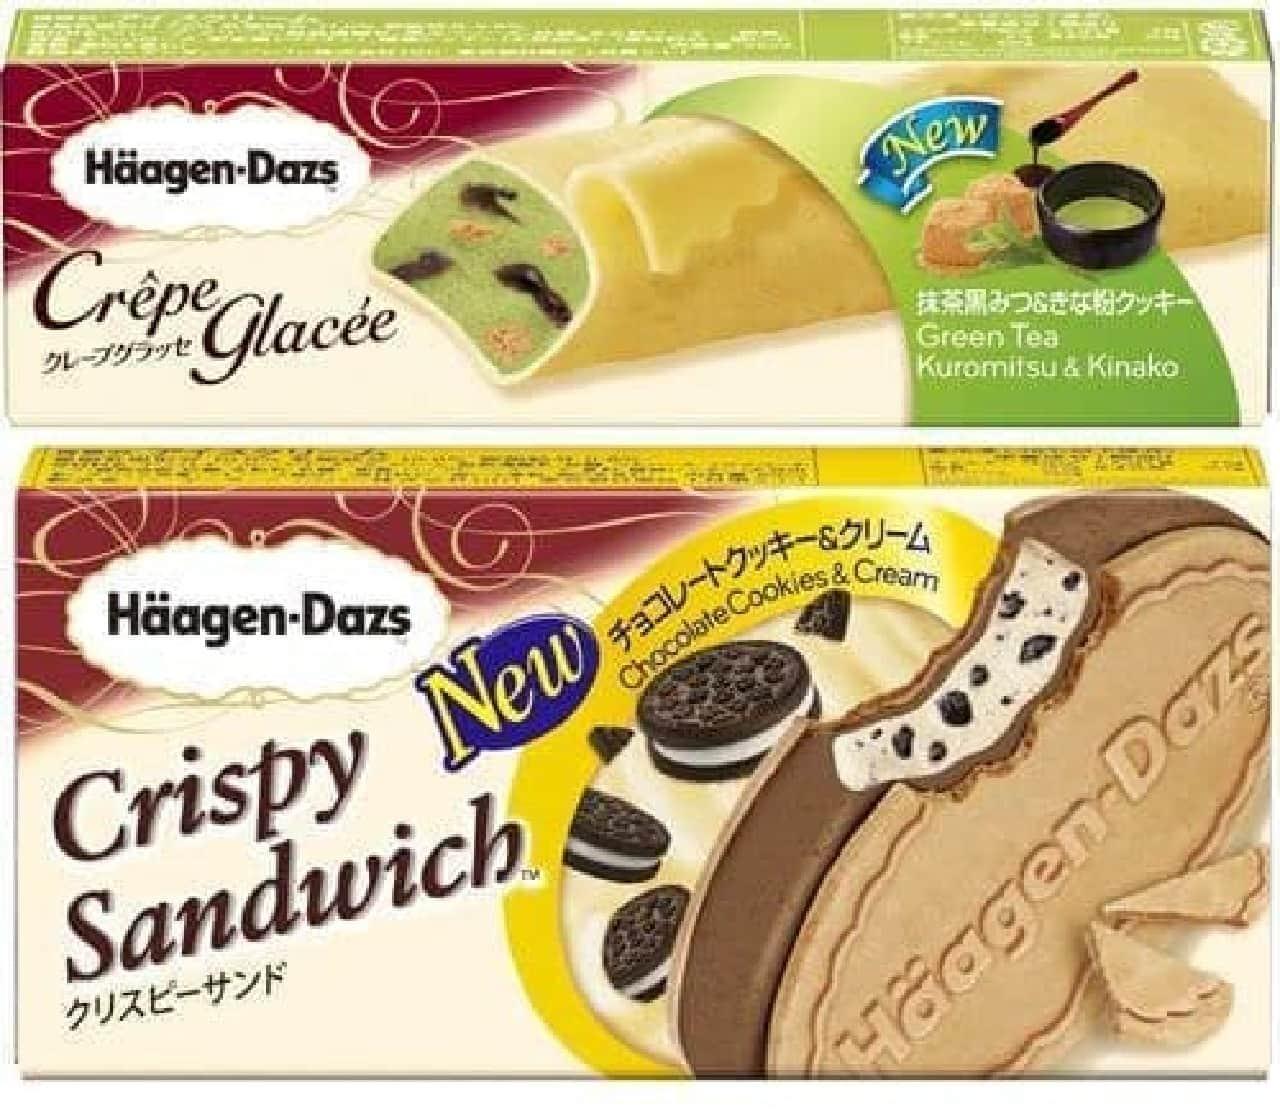 ハーゲンダッツ クレープグラッセ「抹茶黒みつ&きな粉クッキー」(上)、  ハーゲンダッツ クリスピーサンド「チョコレートクッキー&クリーム」(下)